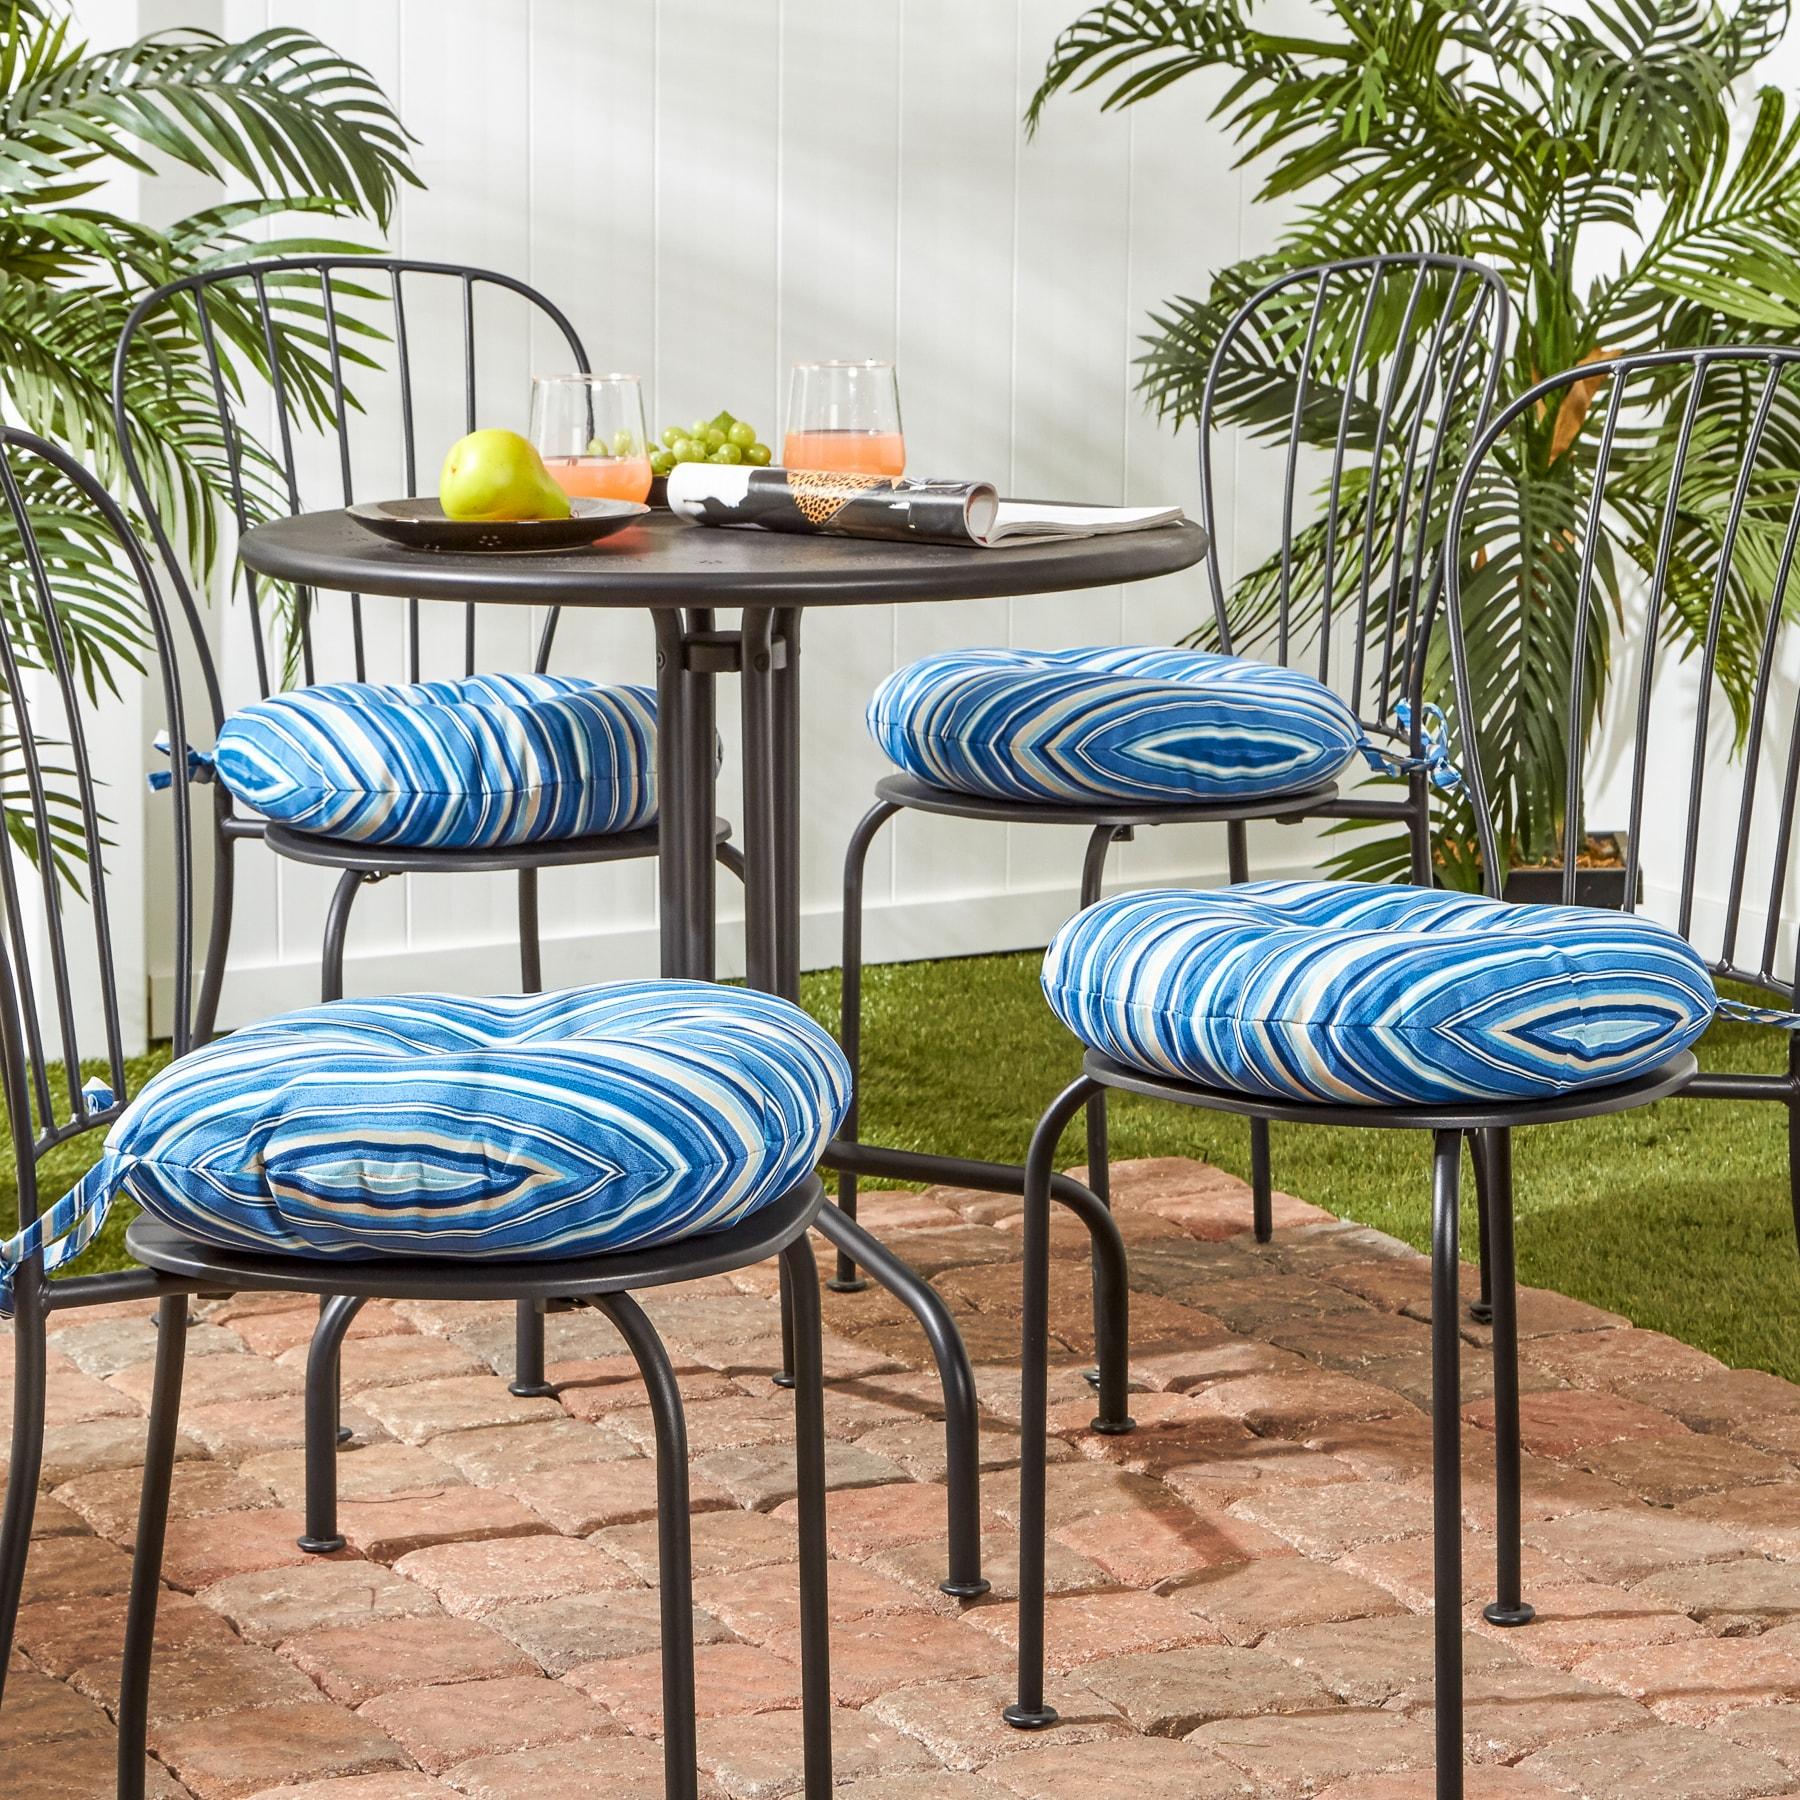 Shop 18 Inch Outdoor Round Coastal Stripe Bistro Chair Cushion Set